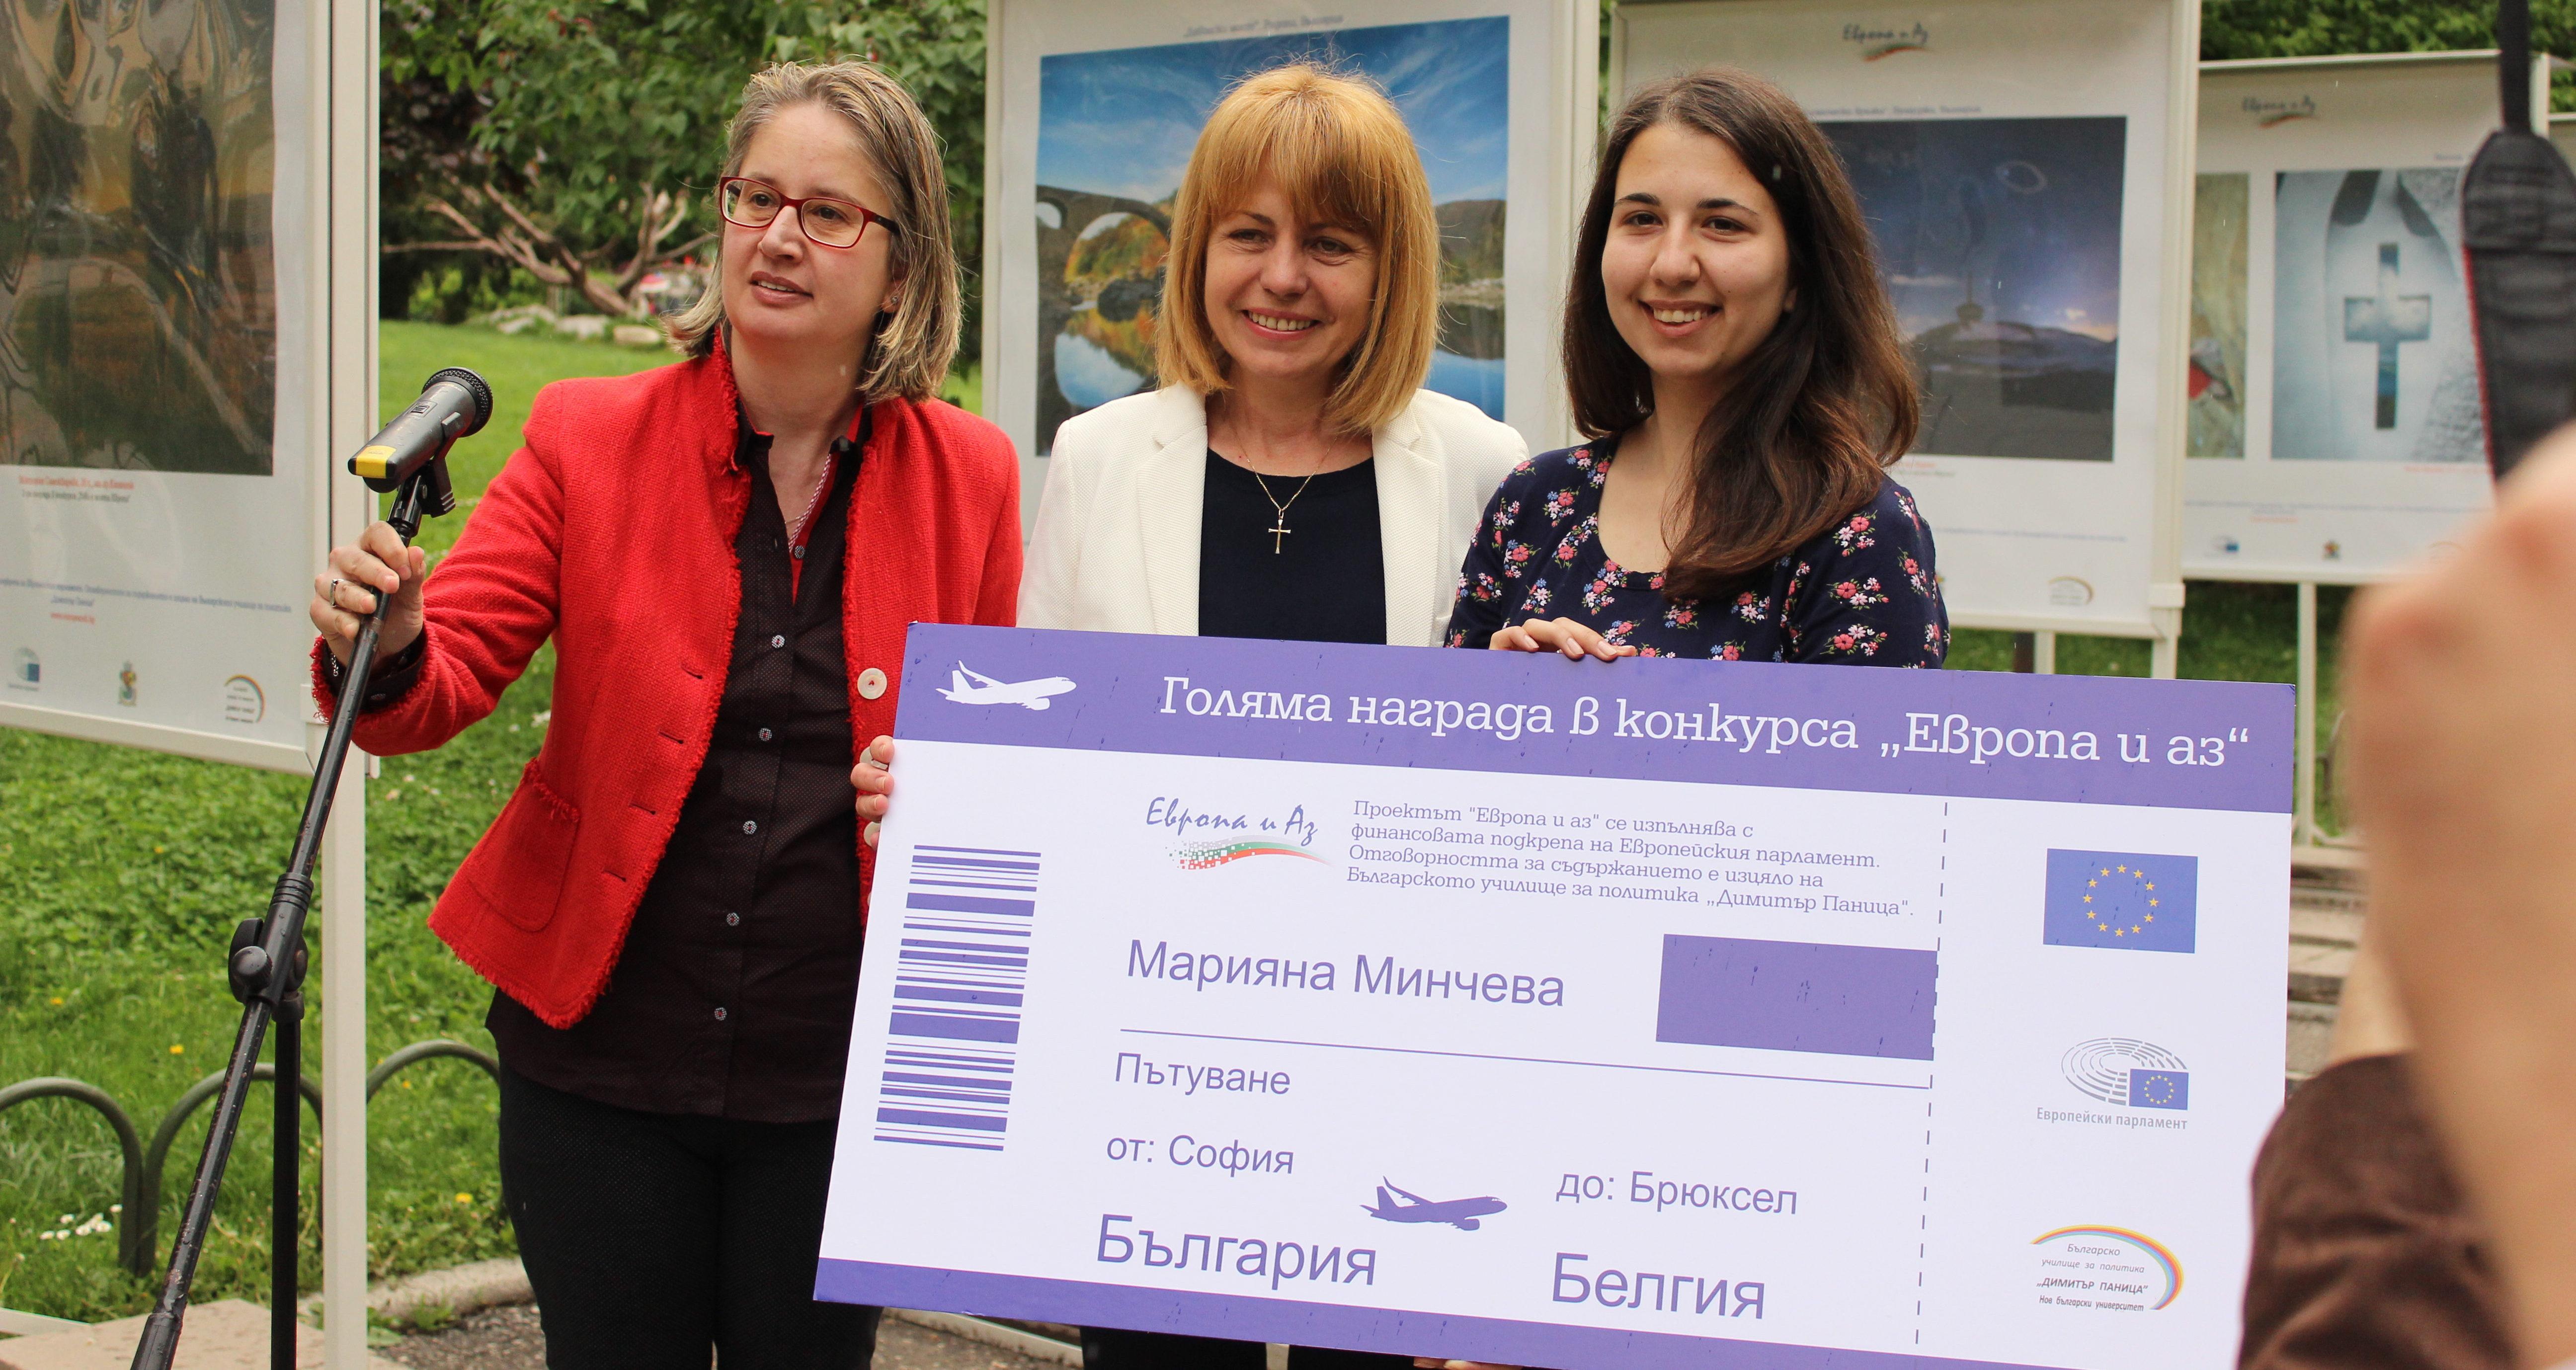 Йорданка Фандъкова връчва наградата на победителя